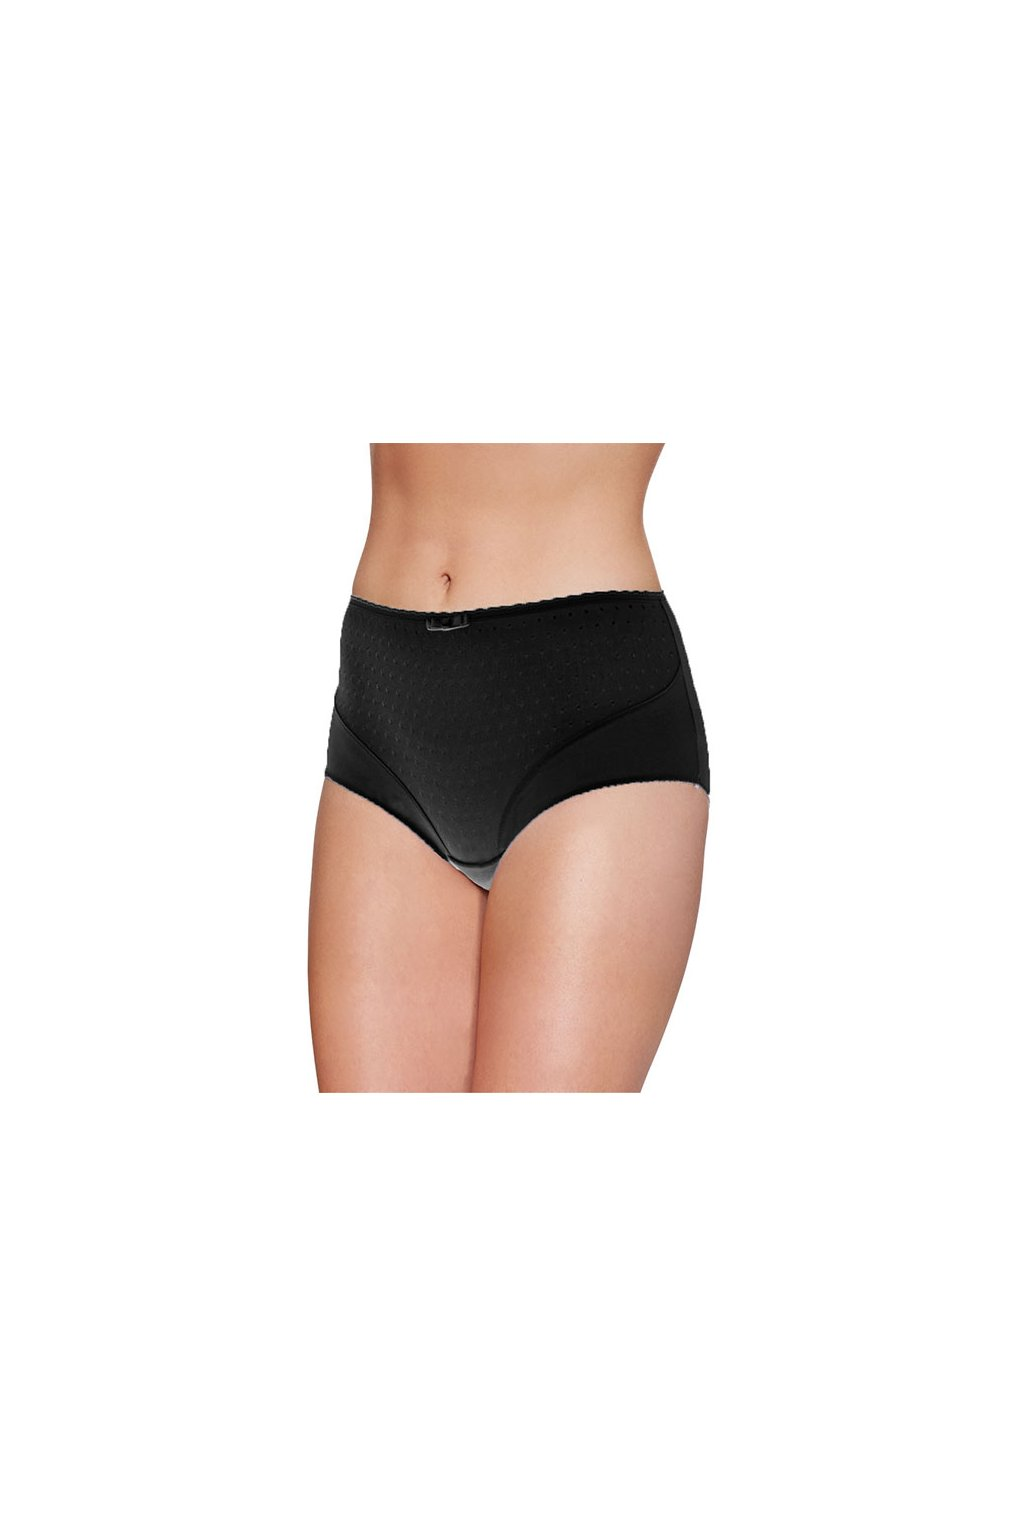 Dámské kalhotky, 100117 29, černá